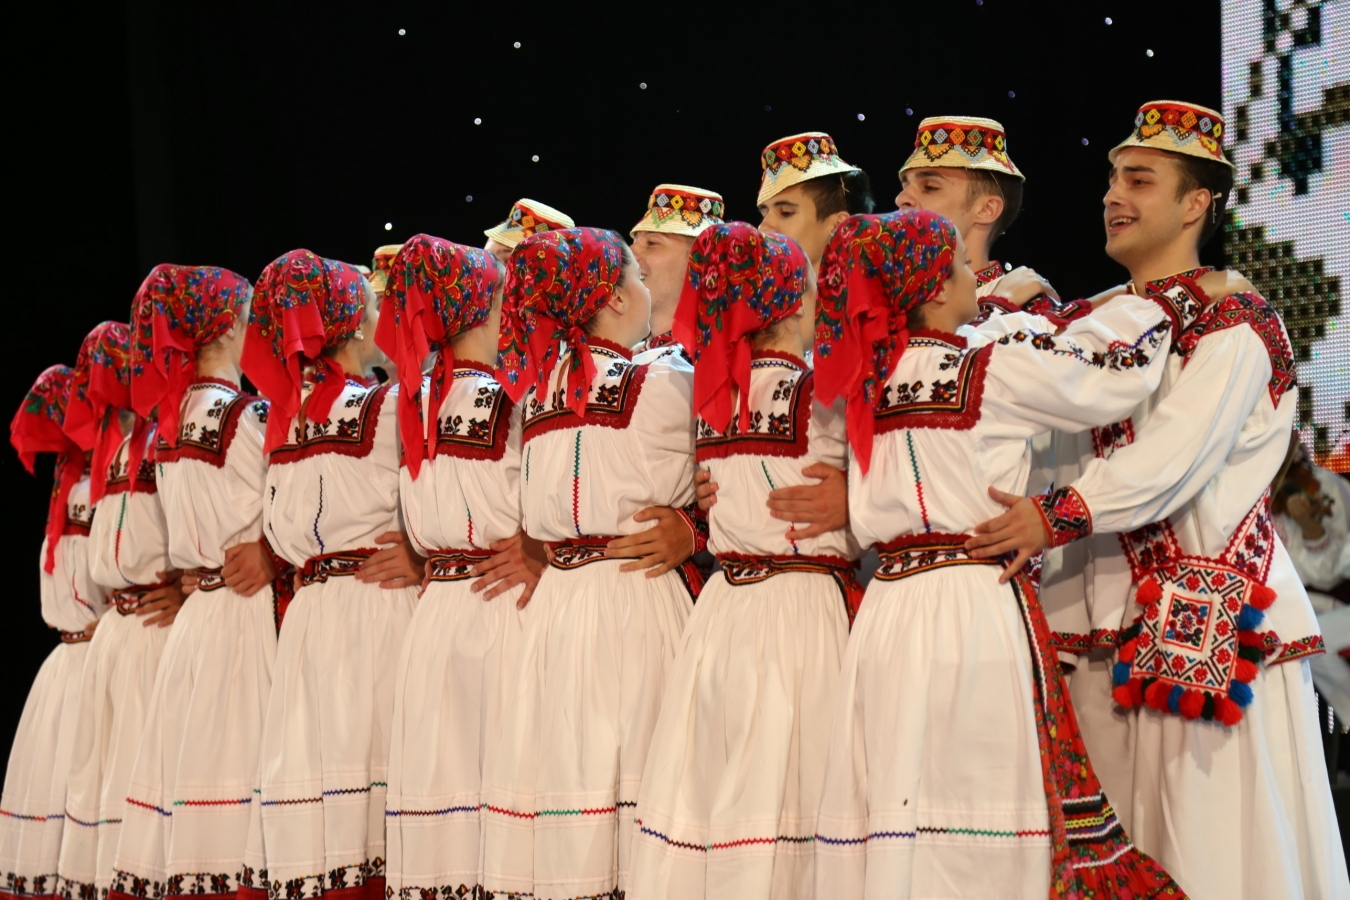 Ansamblul folcloric ''Doina Baraganului'' - dans din Oas